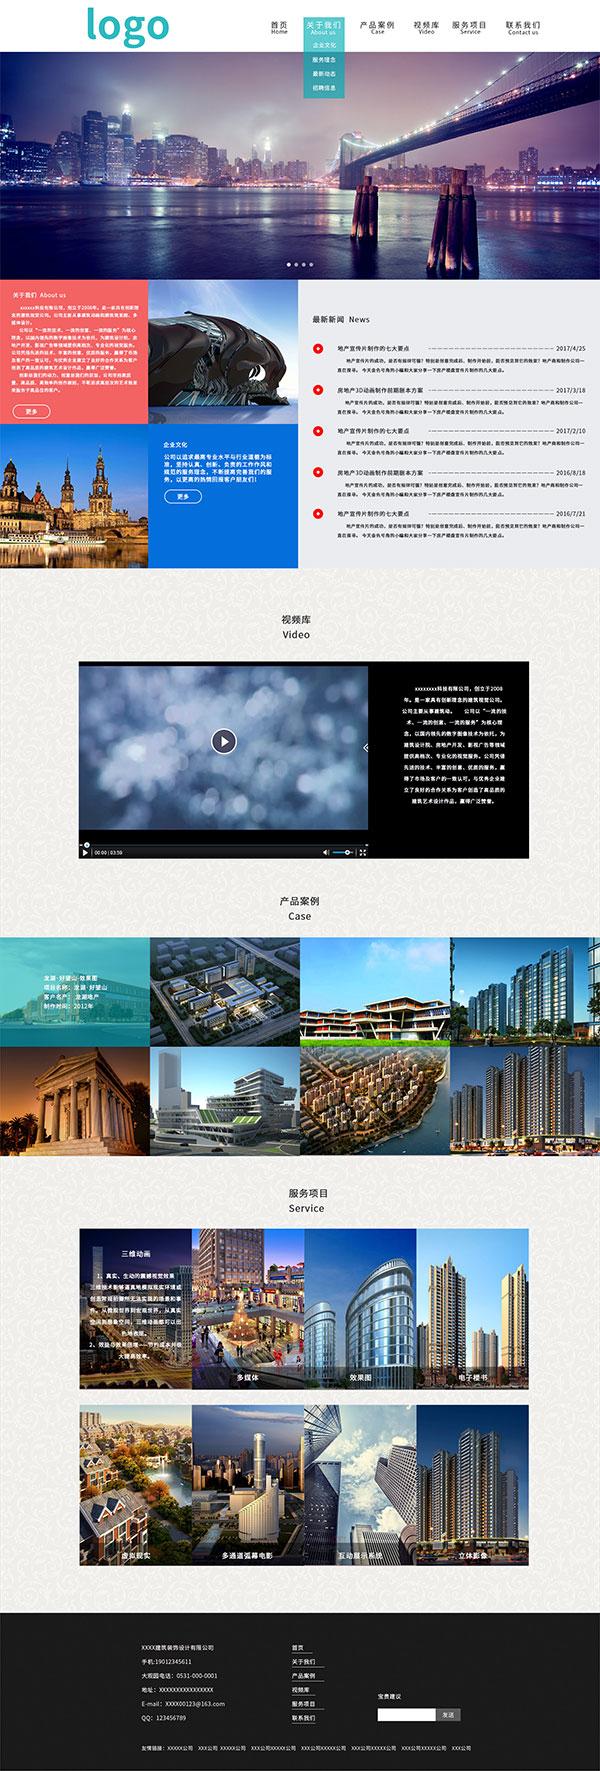 建筑视觉科技公司,网页模板,大气,简约,公司宣传,首页,网站排版设计